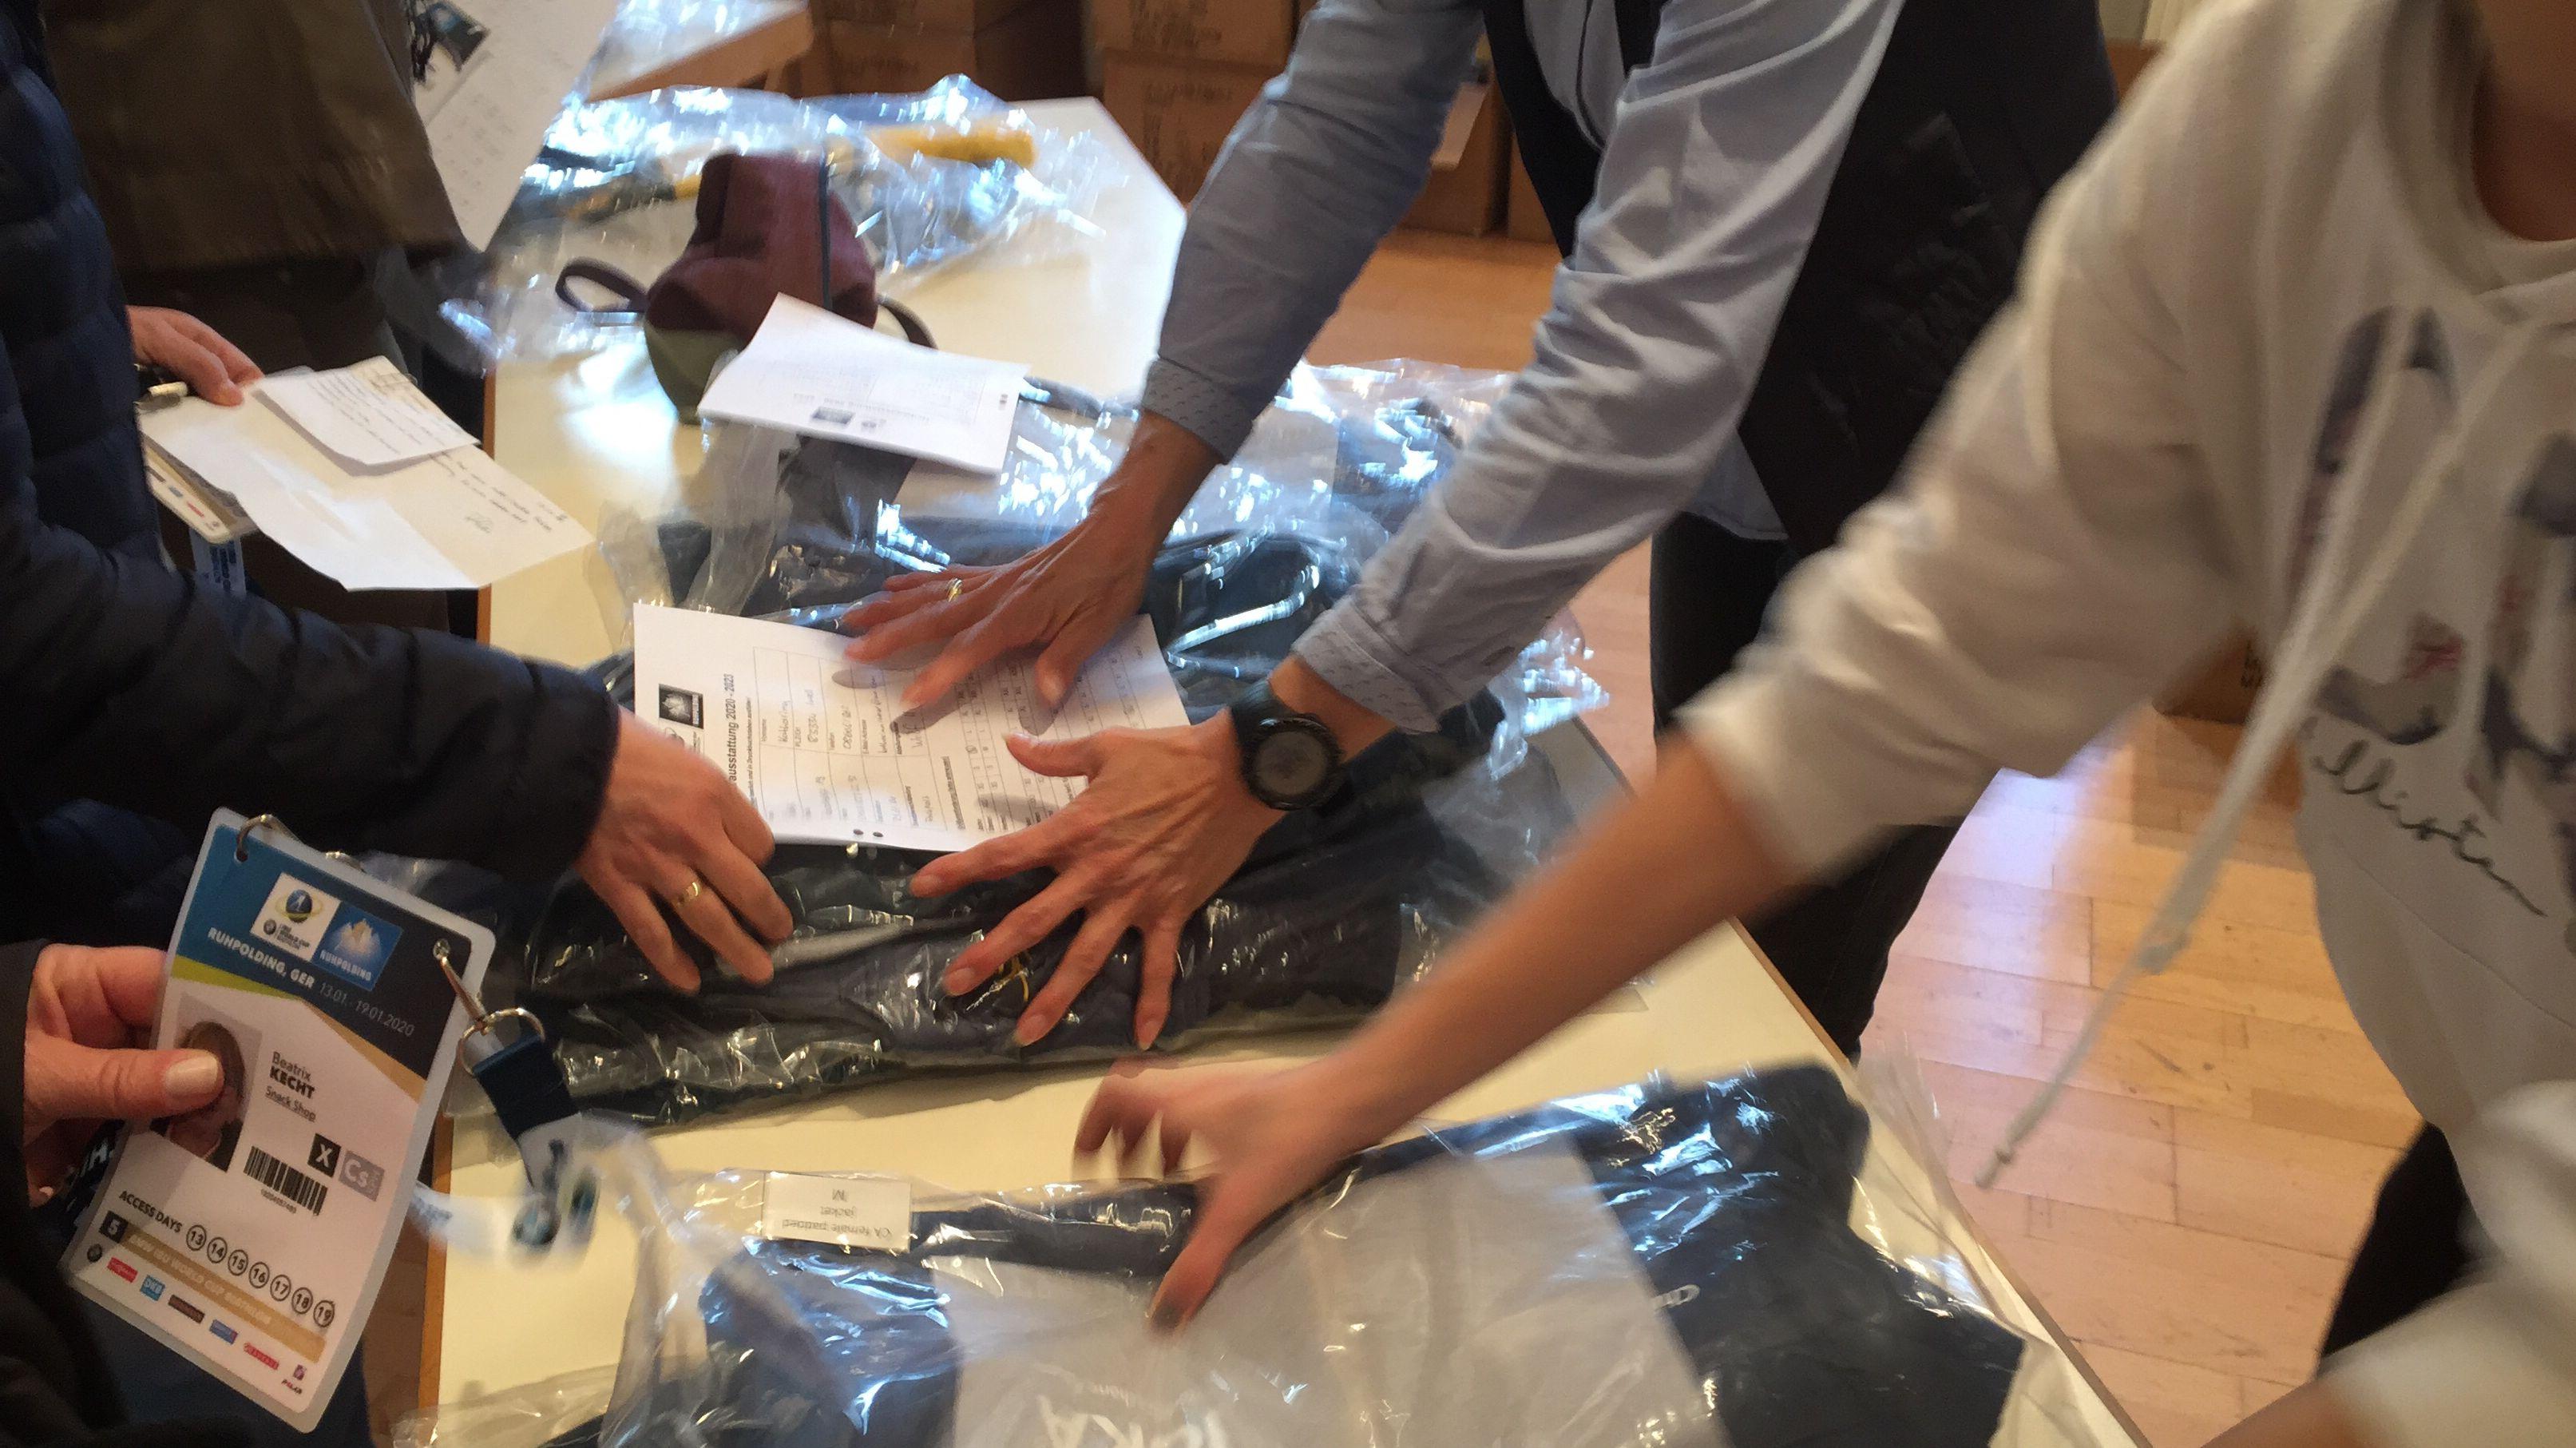 Ehrenamtliche Mitarbeiter bei den Vorbereitungen zum Biathlon-Weltcup in Ruhpolding